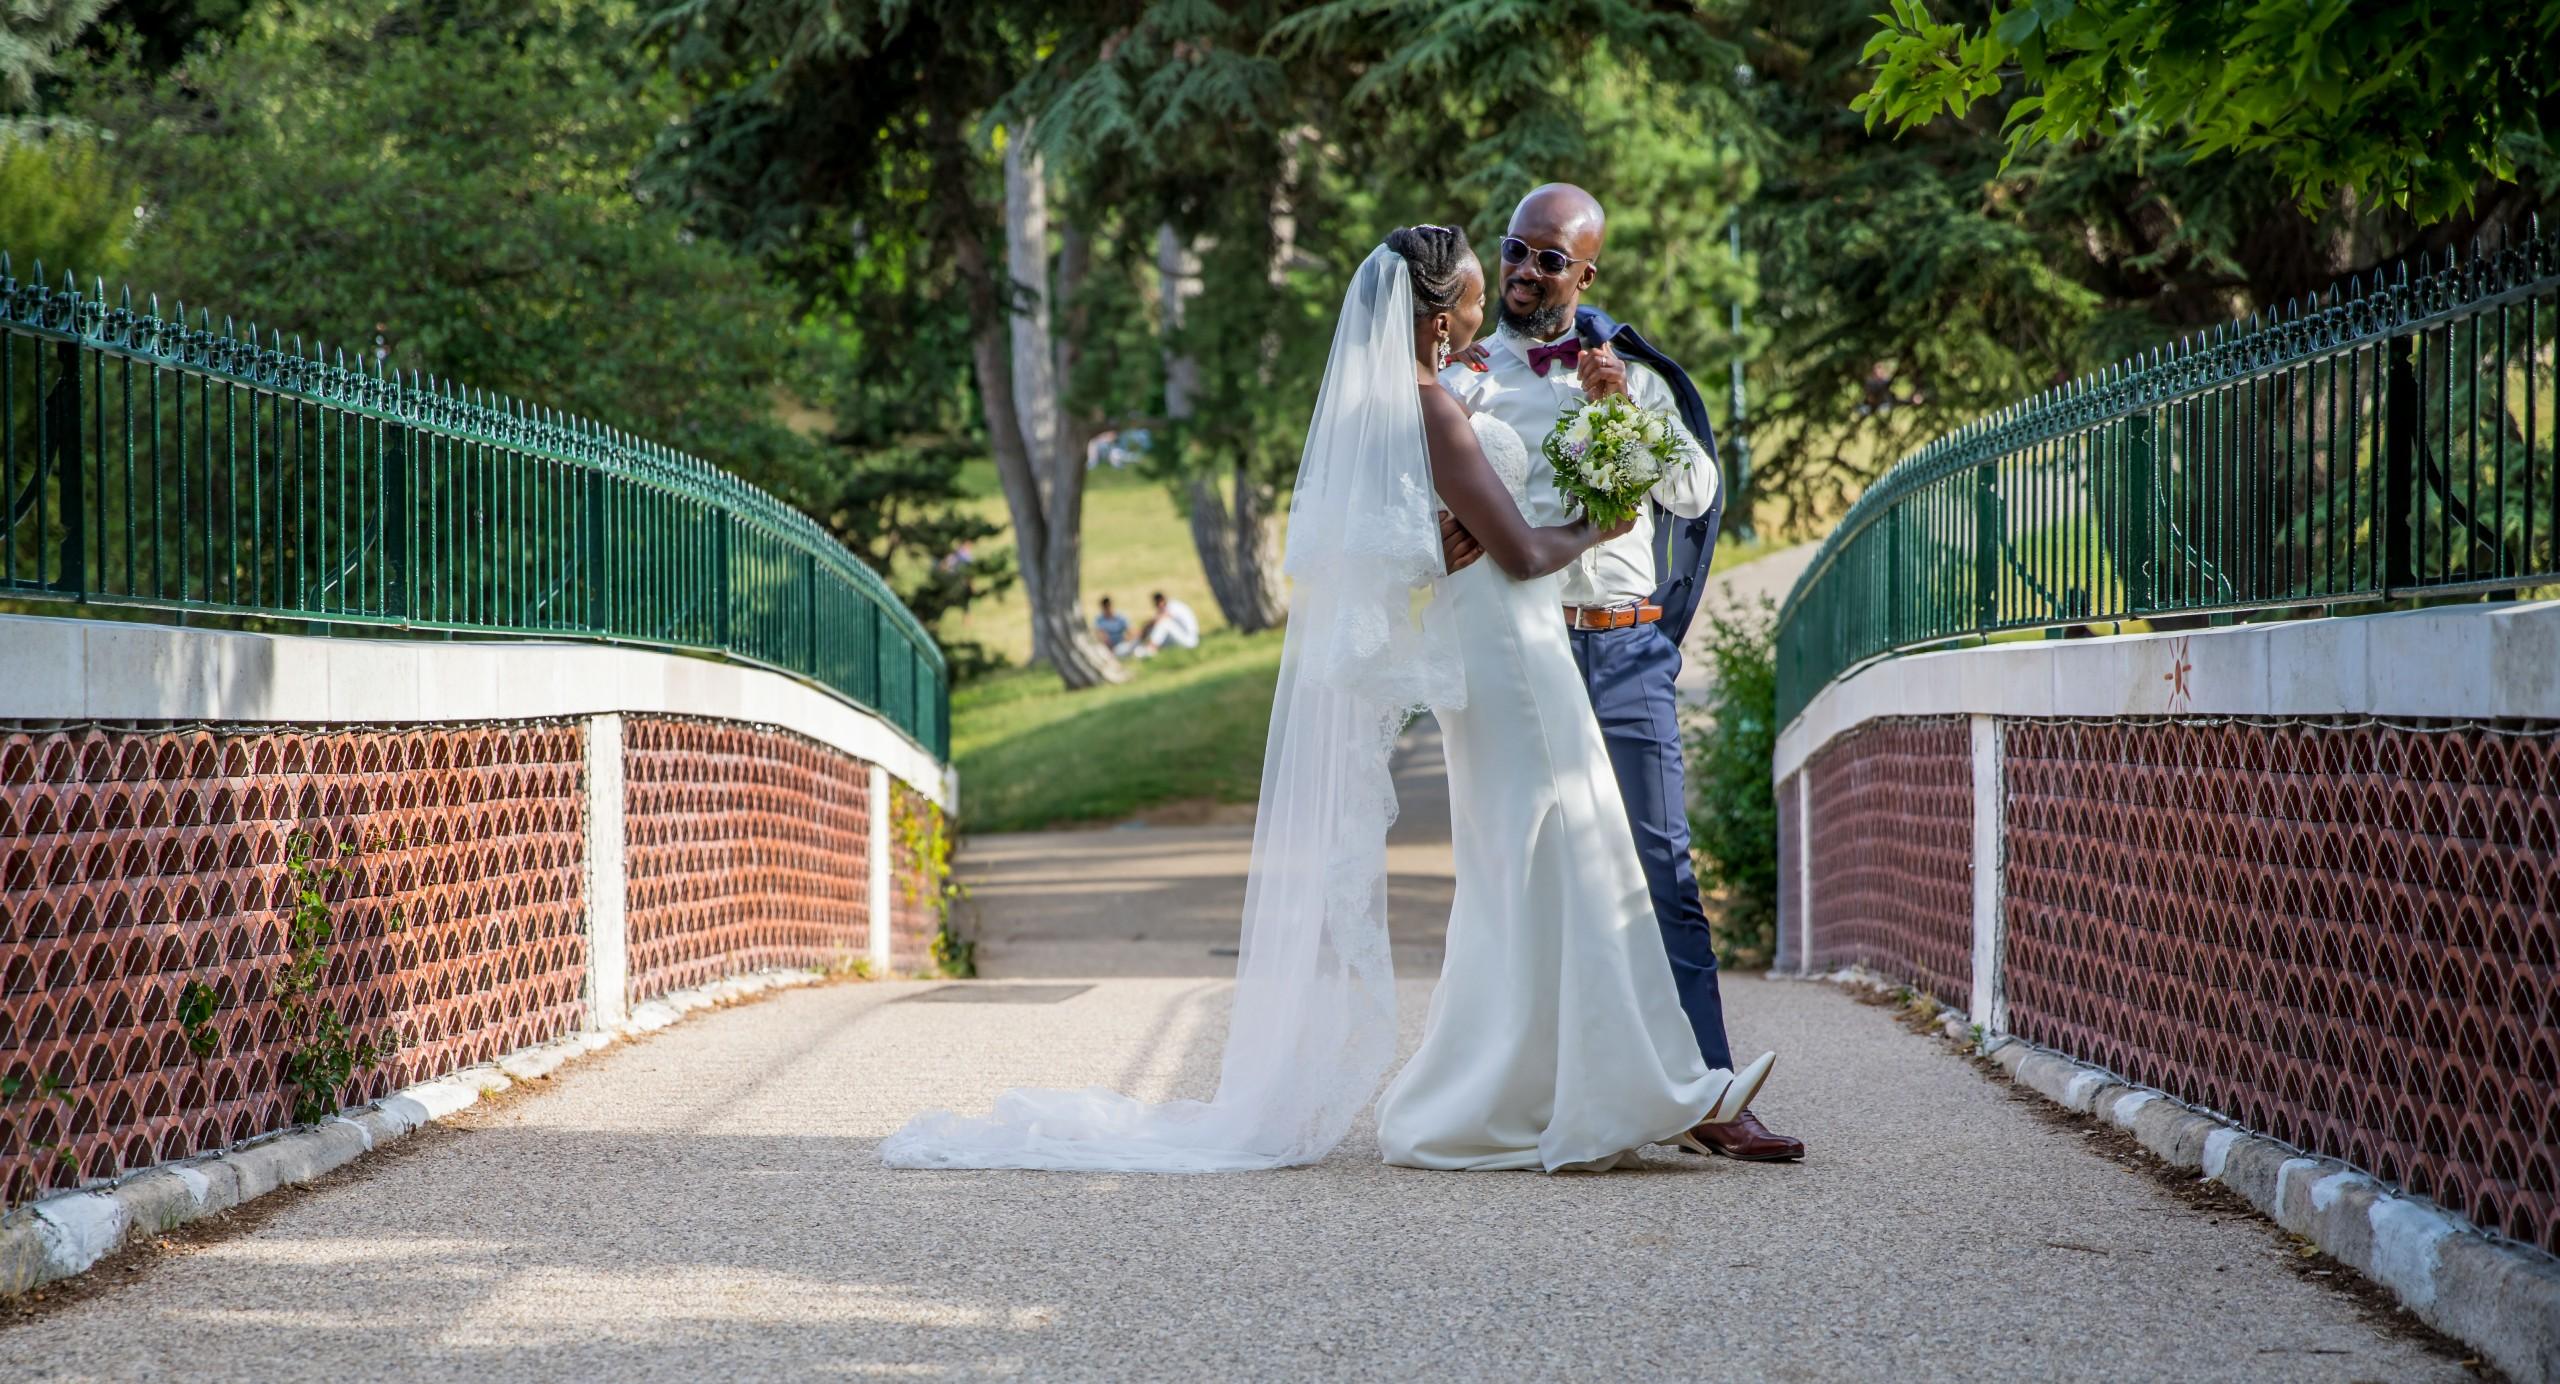 Photographe mariage, les mariés danse